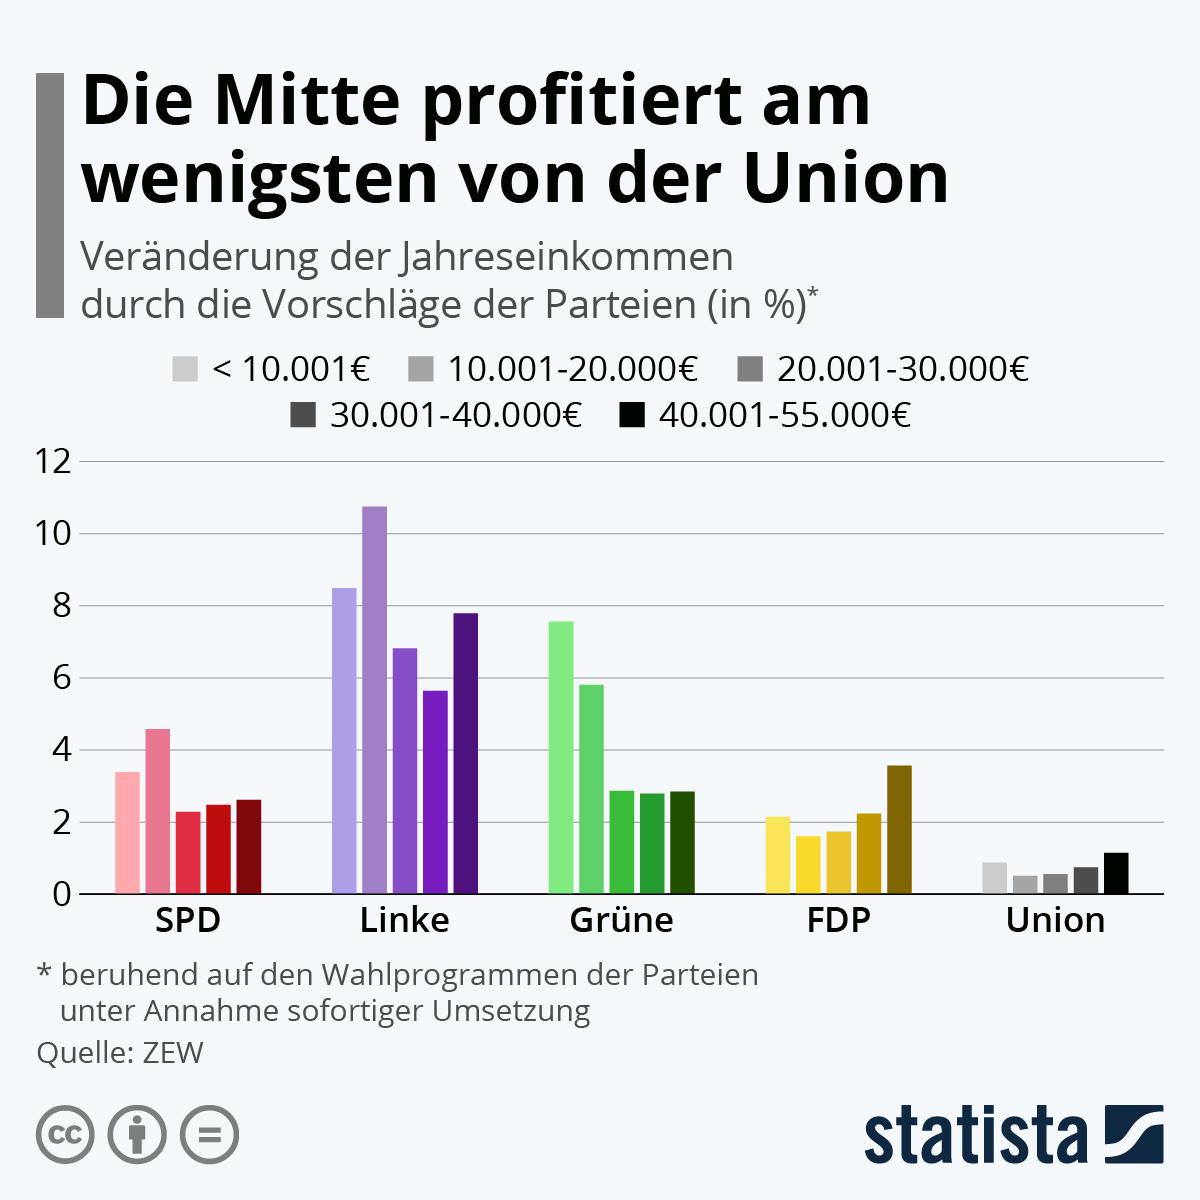 Die Mitte profitiert am wenigsten von der Union | Statista